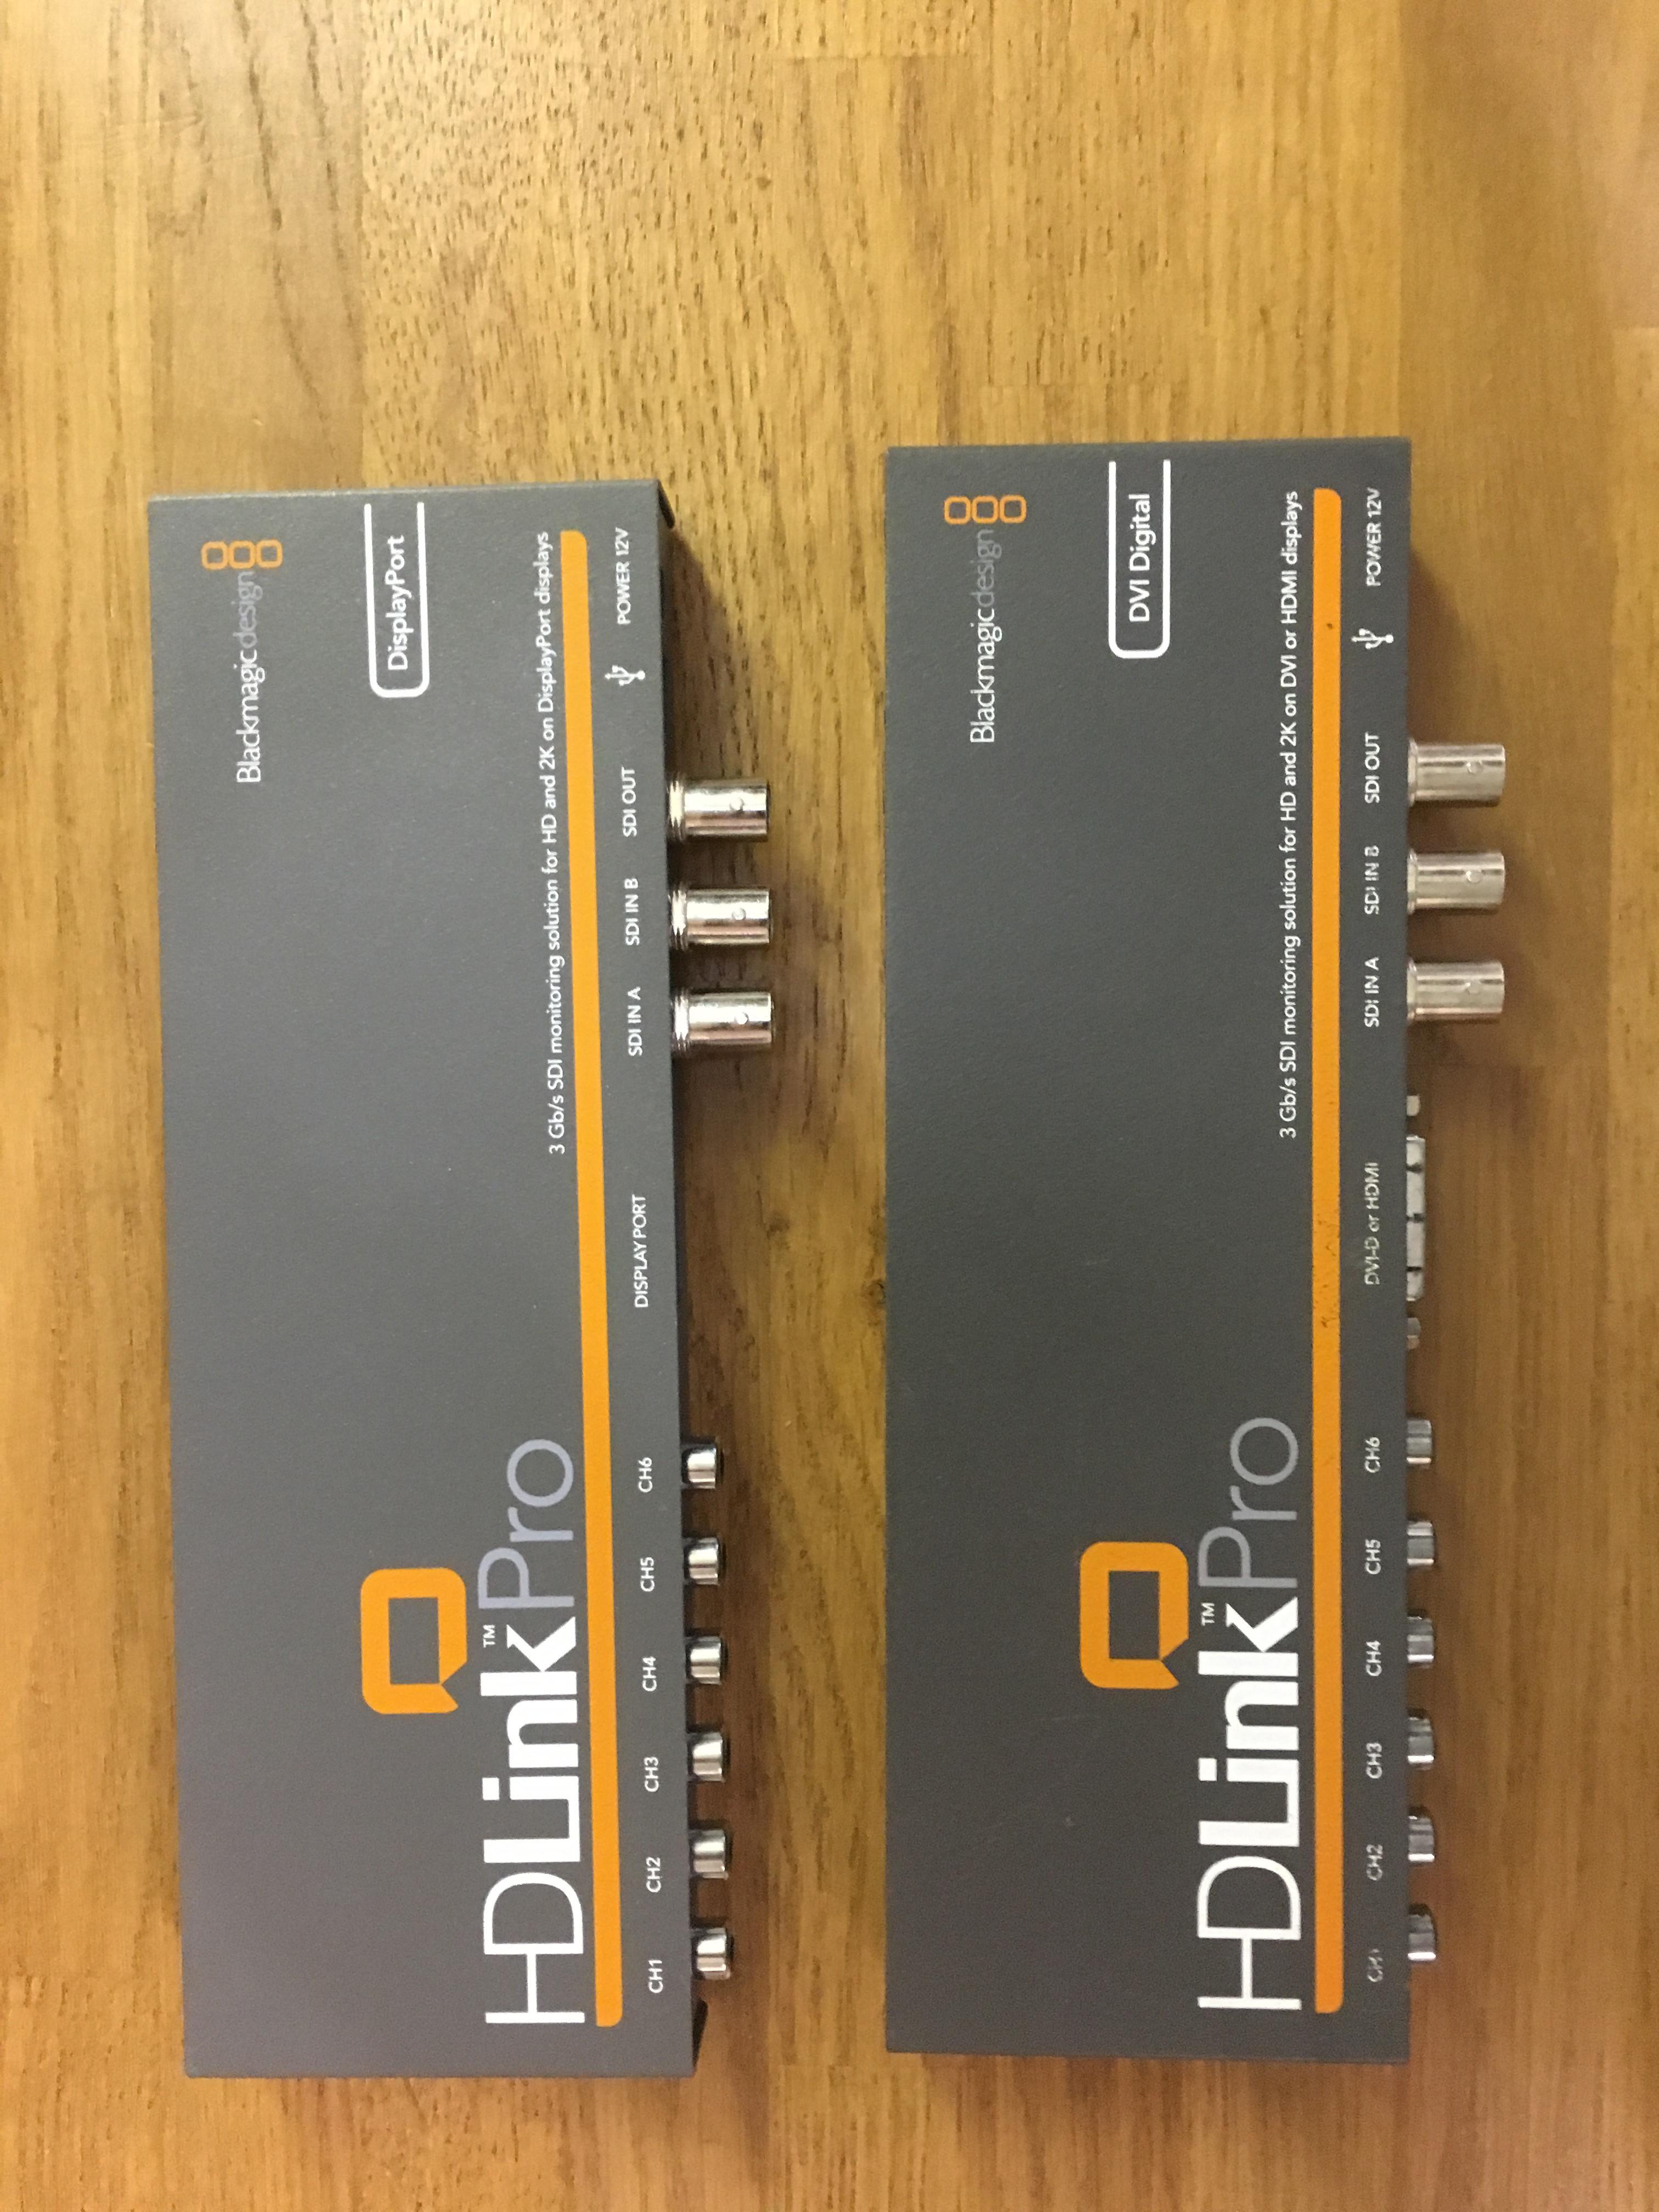 BlackMagic HD LINK